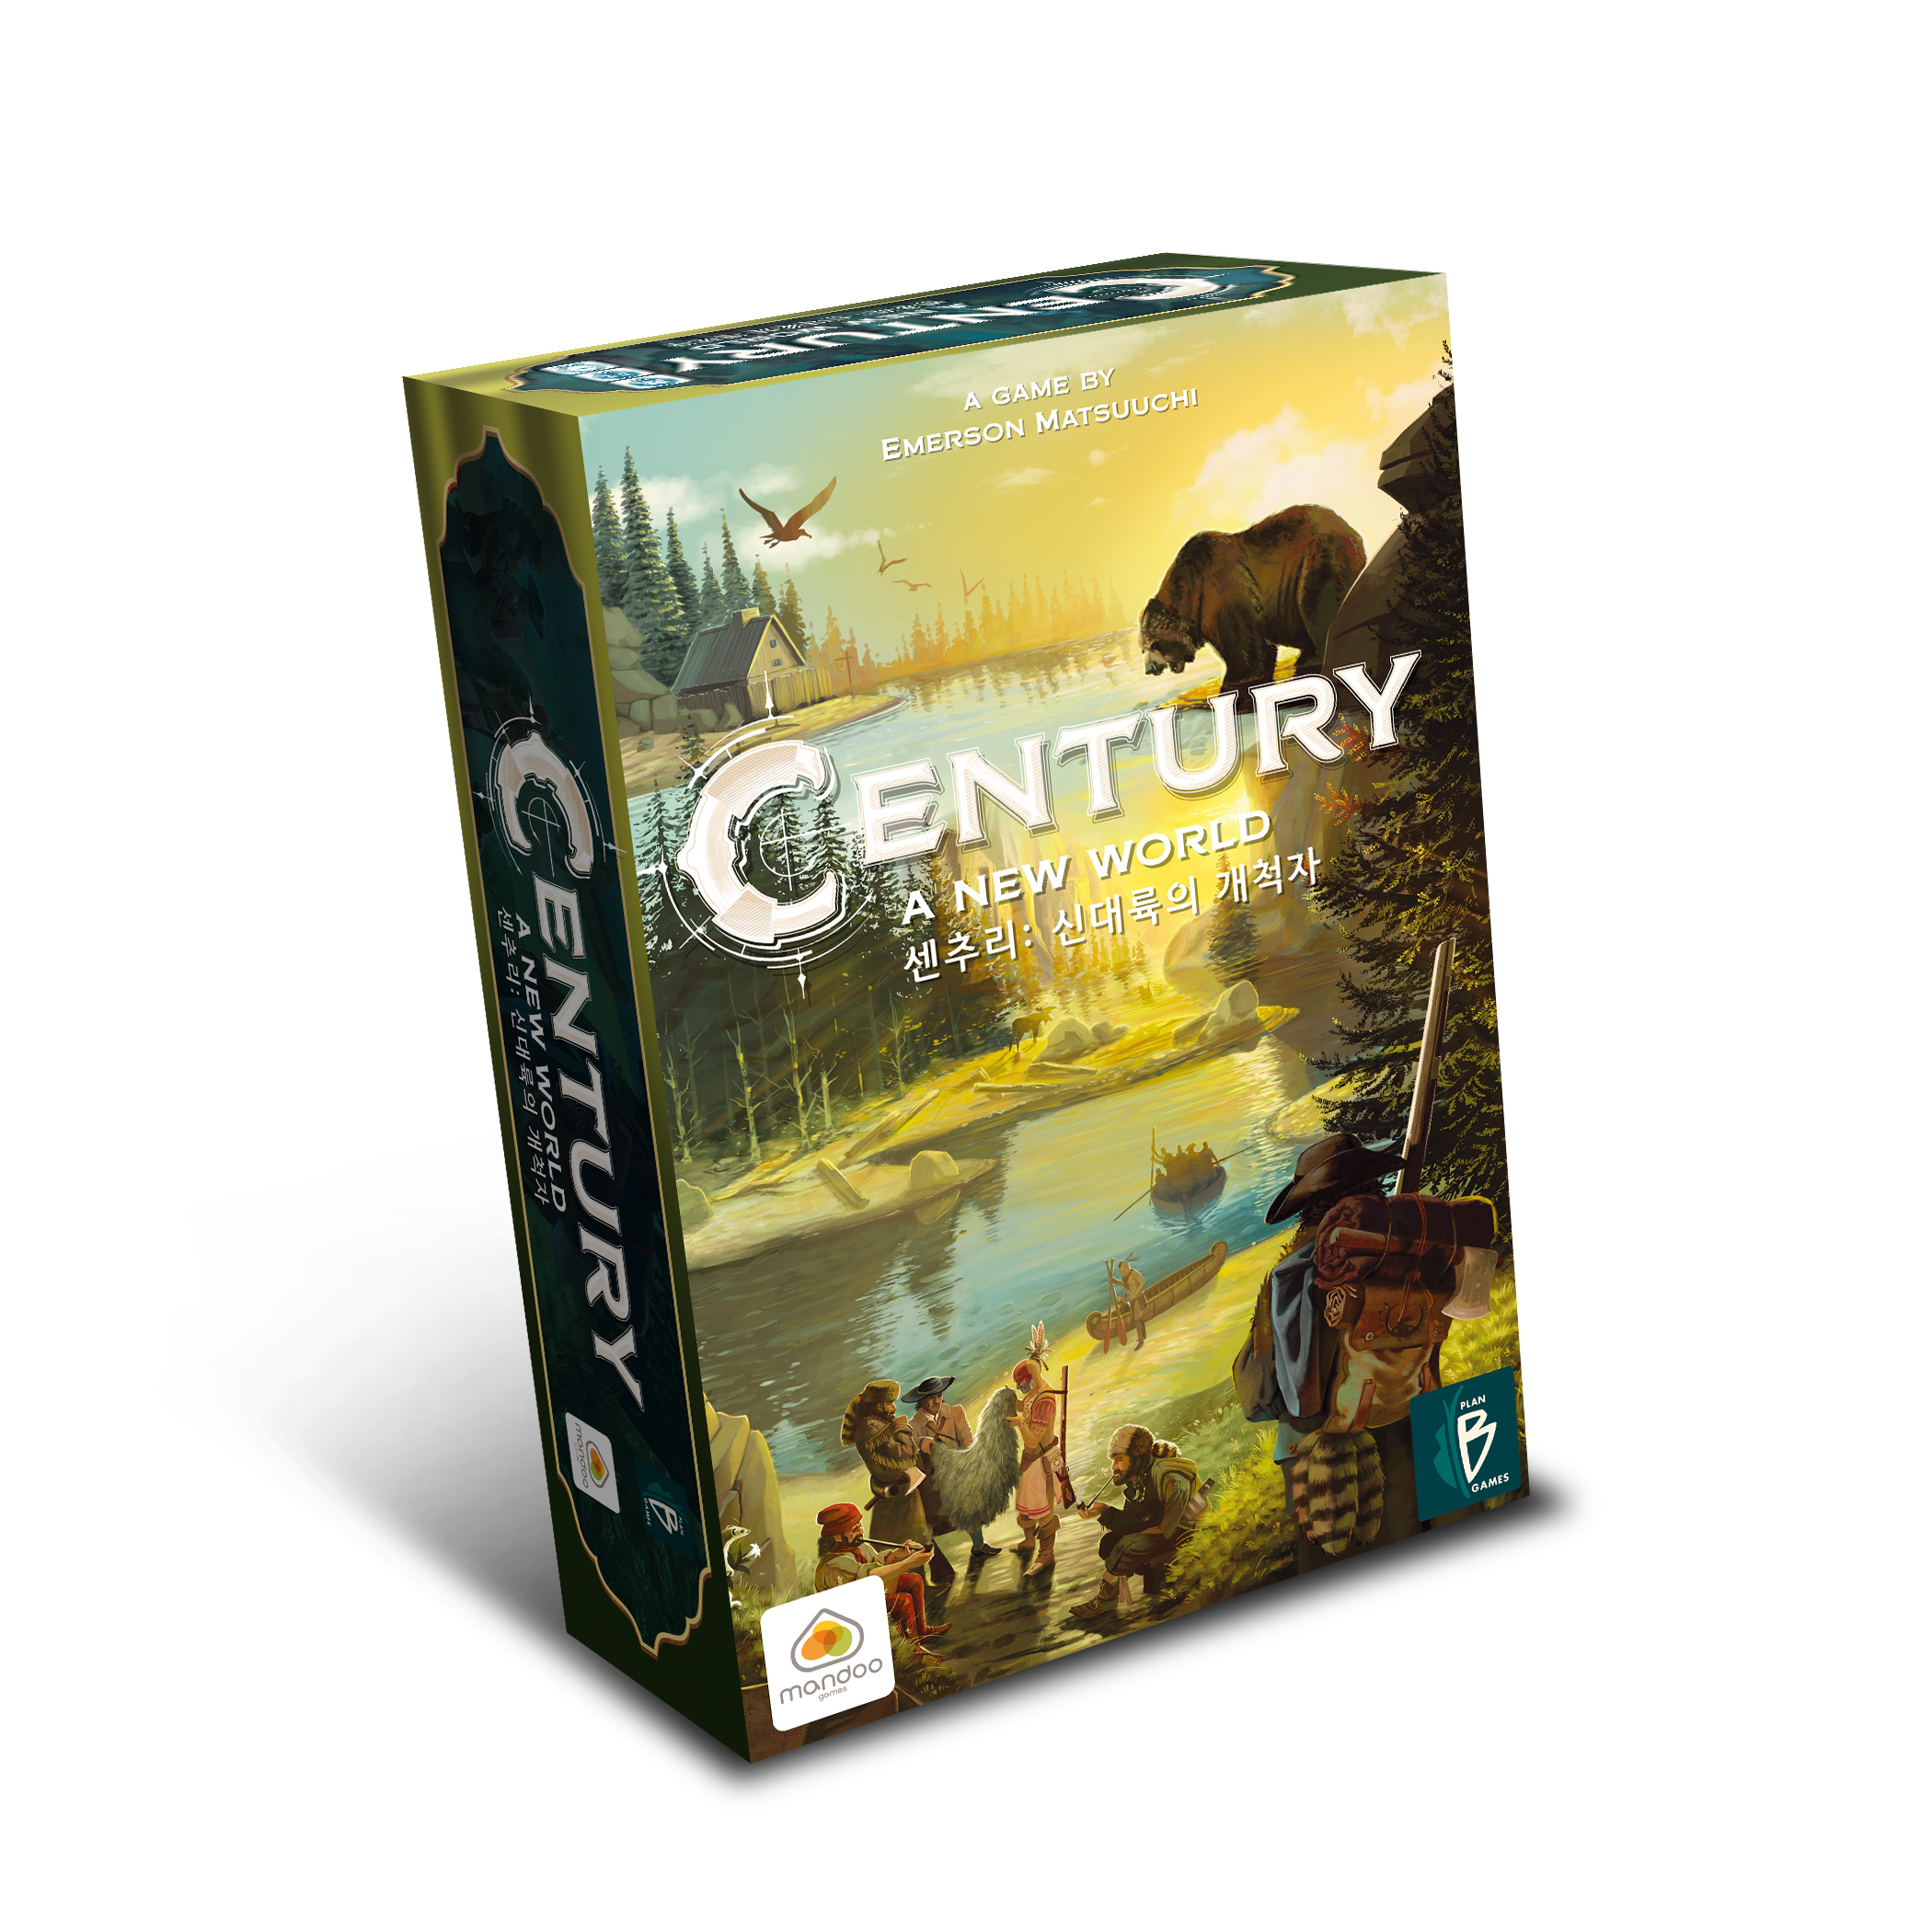 센추리:신대륙의 개척자